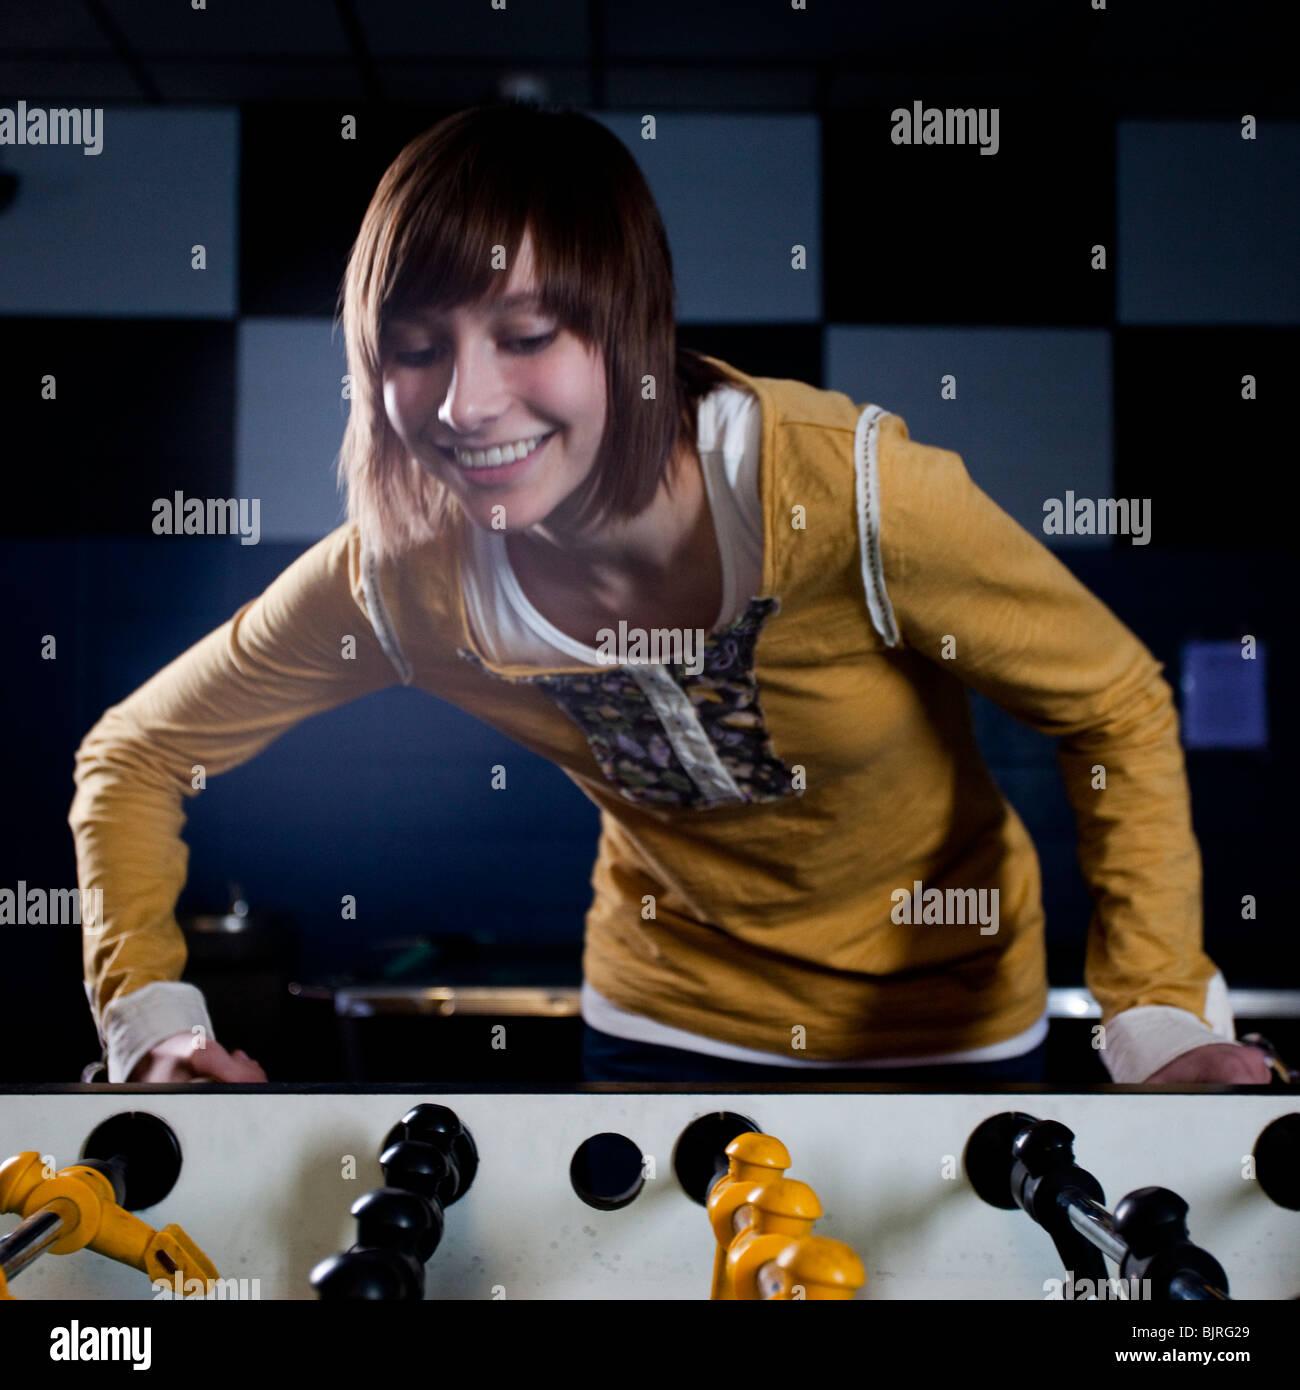 USA, Utah, American Fork, young woman playing table football - Stock Image